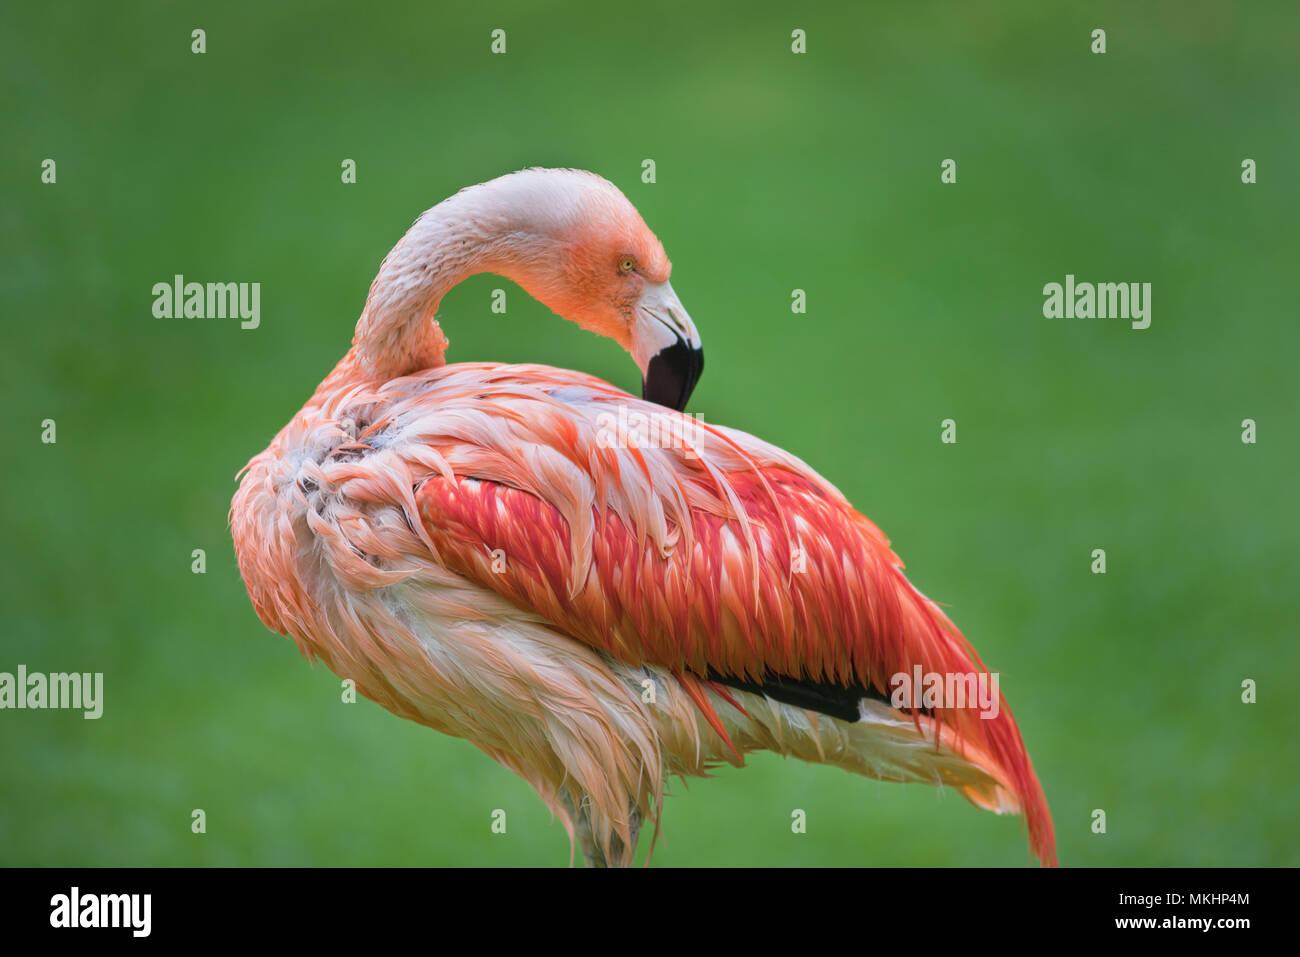 Flamingo bird sul verde sfondo naturale Immagini Stock